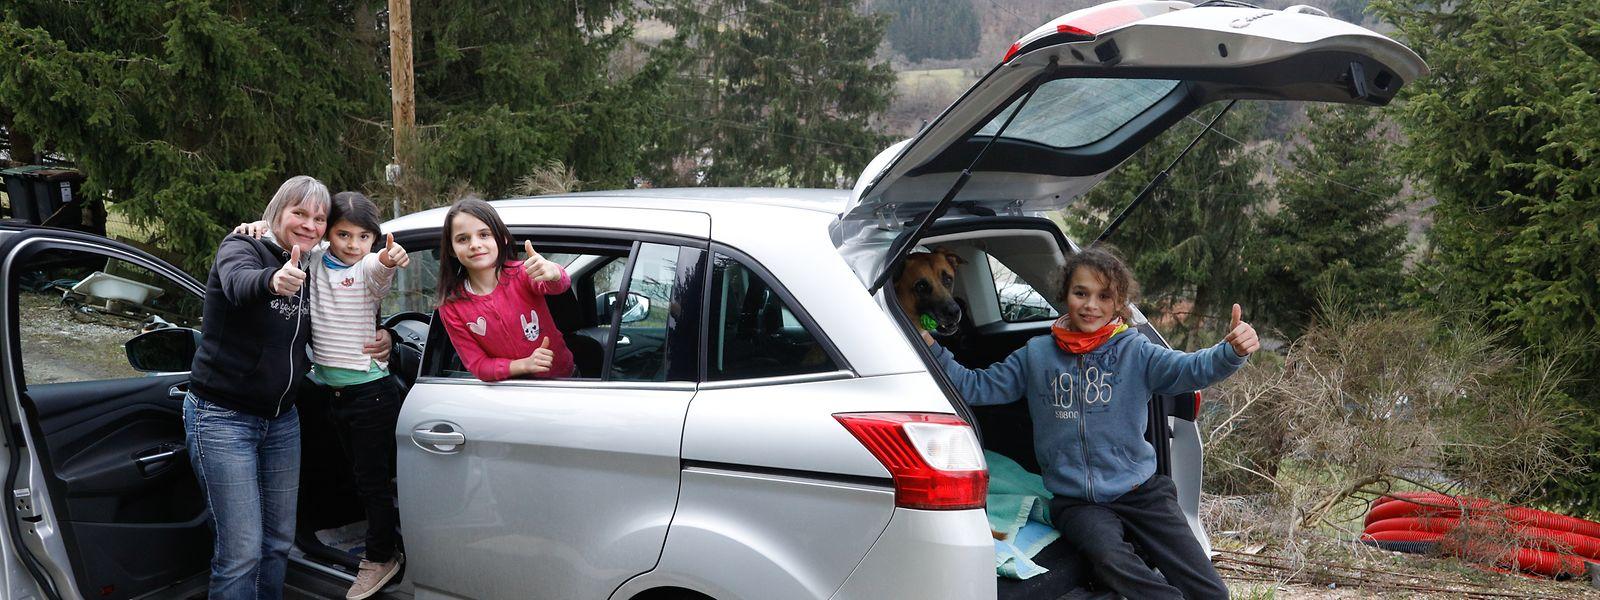 Der von der Vereinigung Wonschstär geschenkte Wagen erleichtert Michaela Kluge und ihren Kindern nicht nur den Einkauf, er ermöglicht es der Familie auch, wieder Ausflüge zu unternehmen.